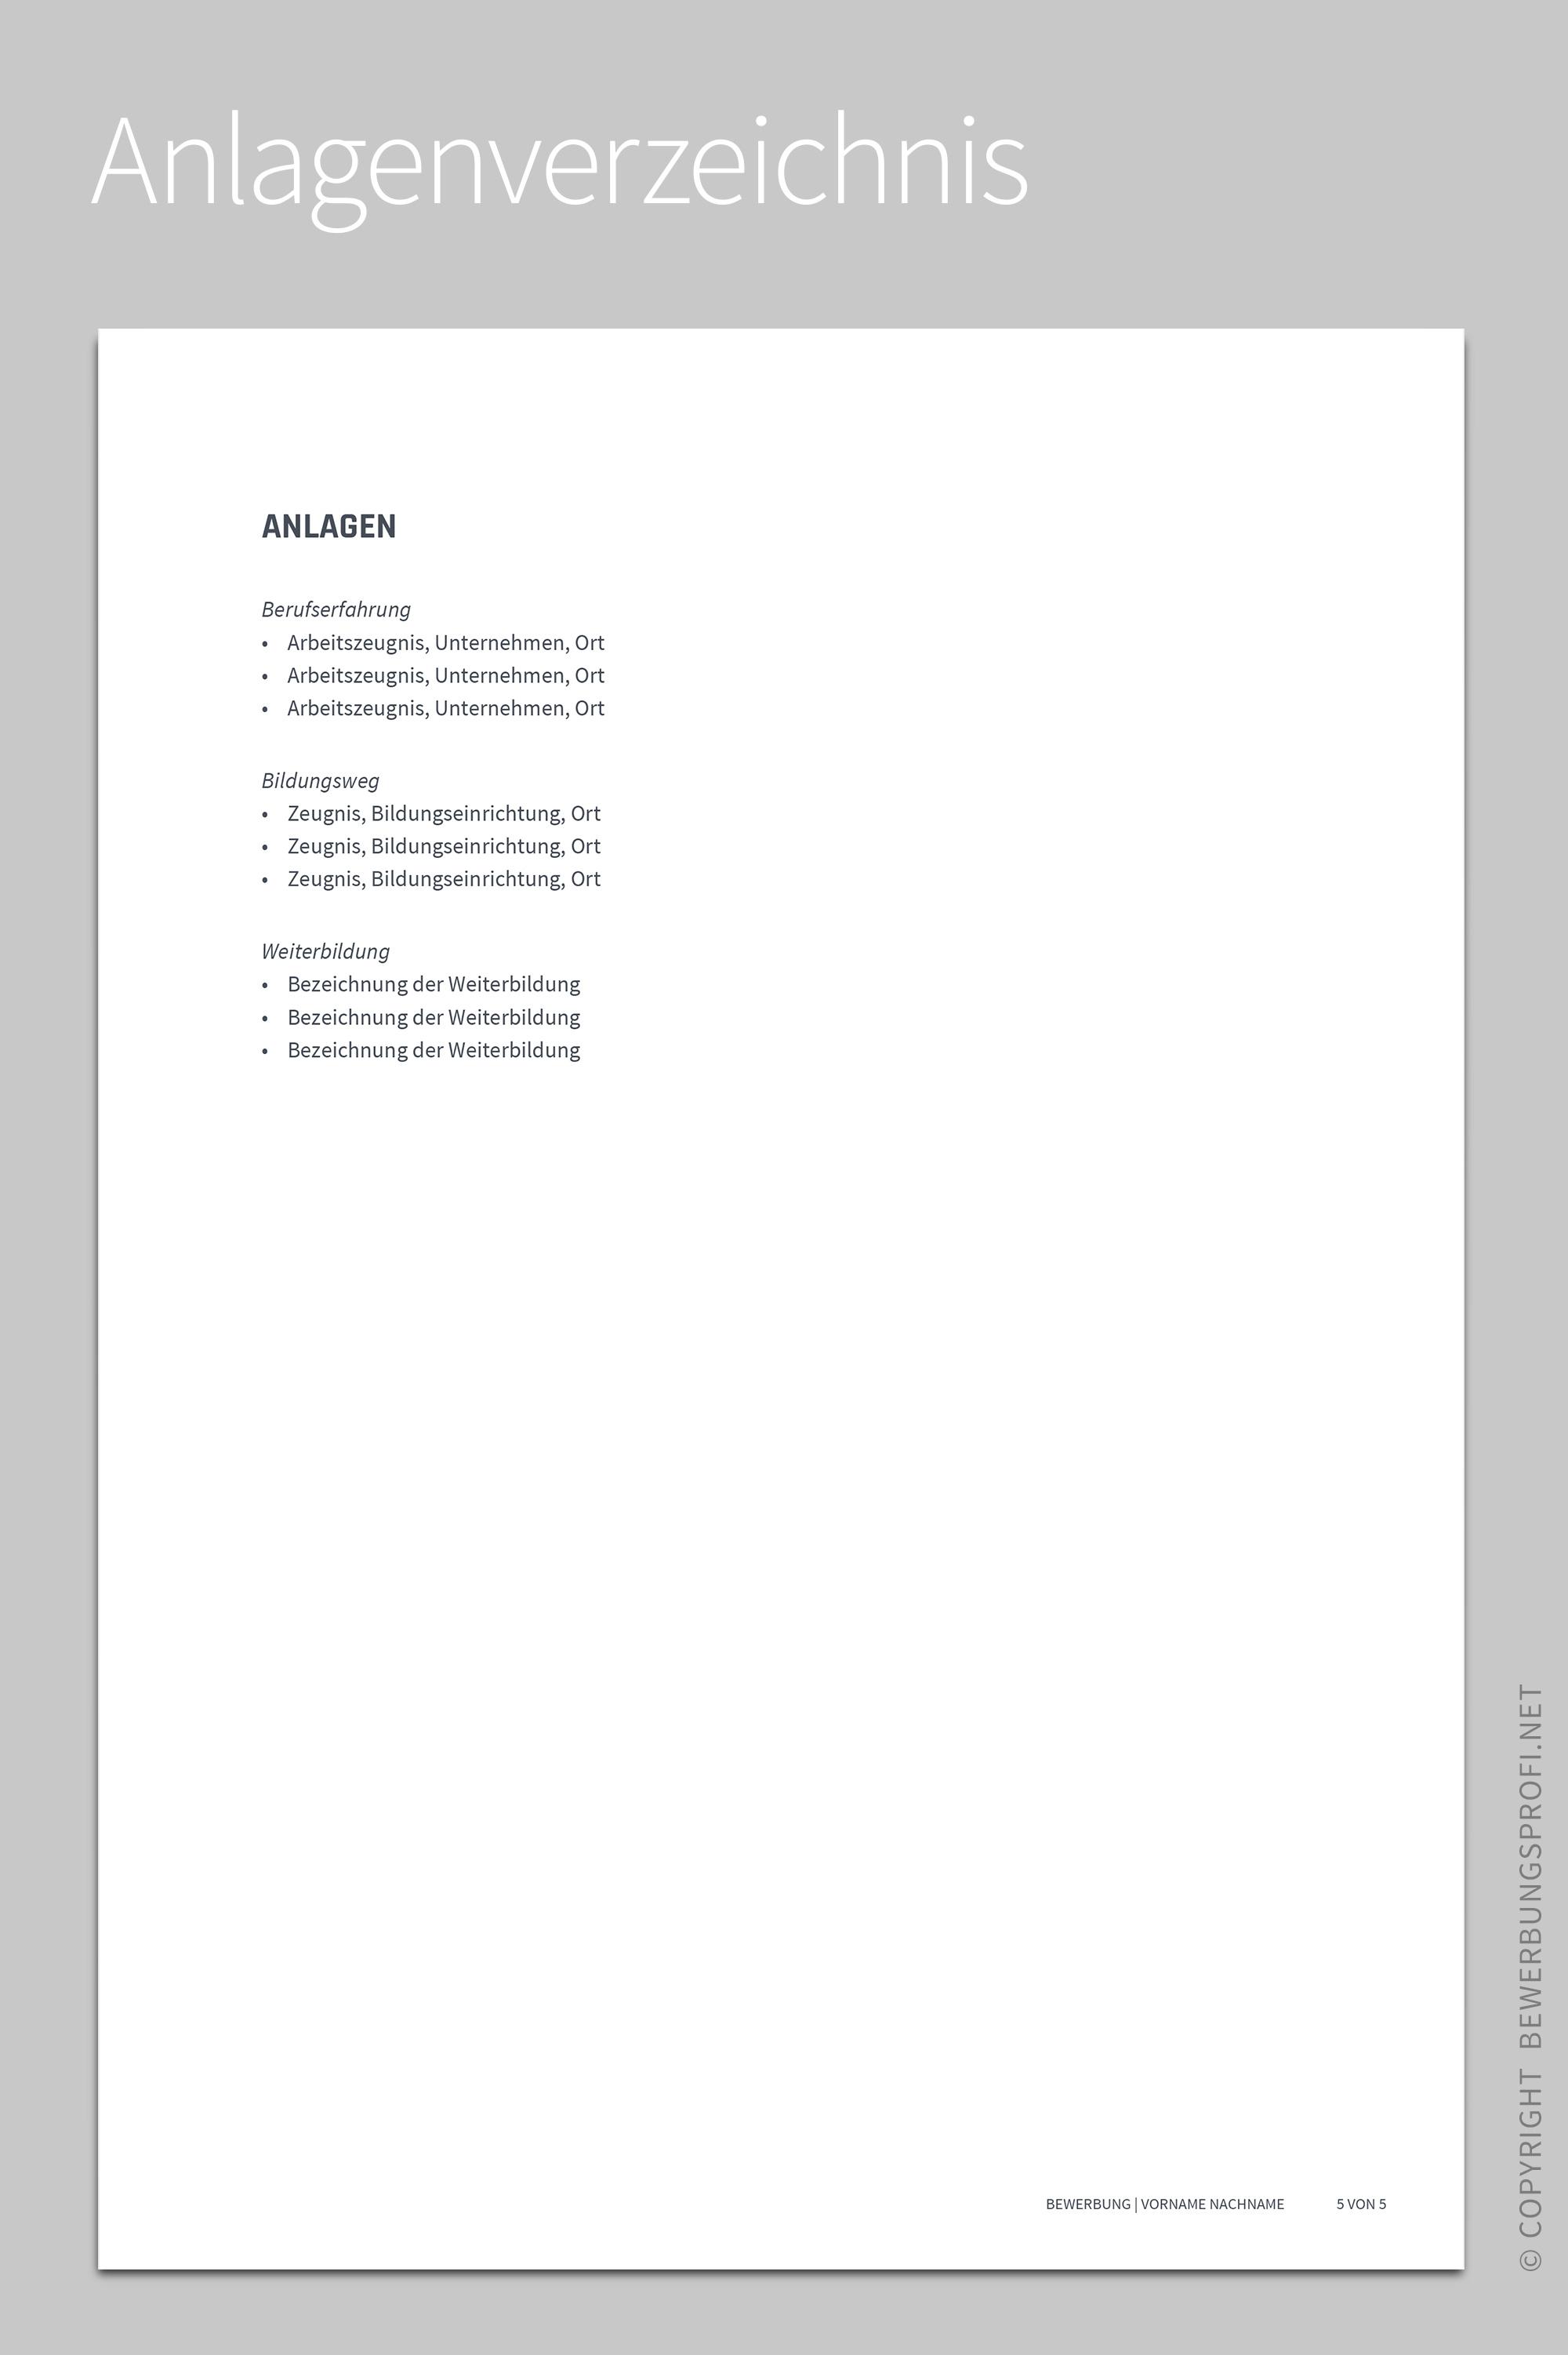 Anlagenverzeichnis Libero